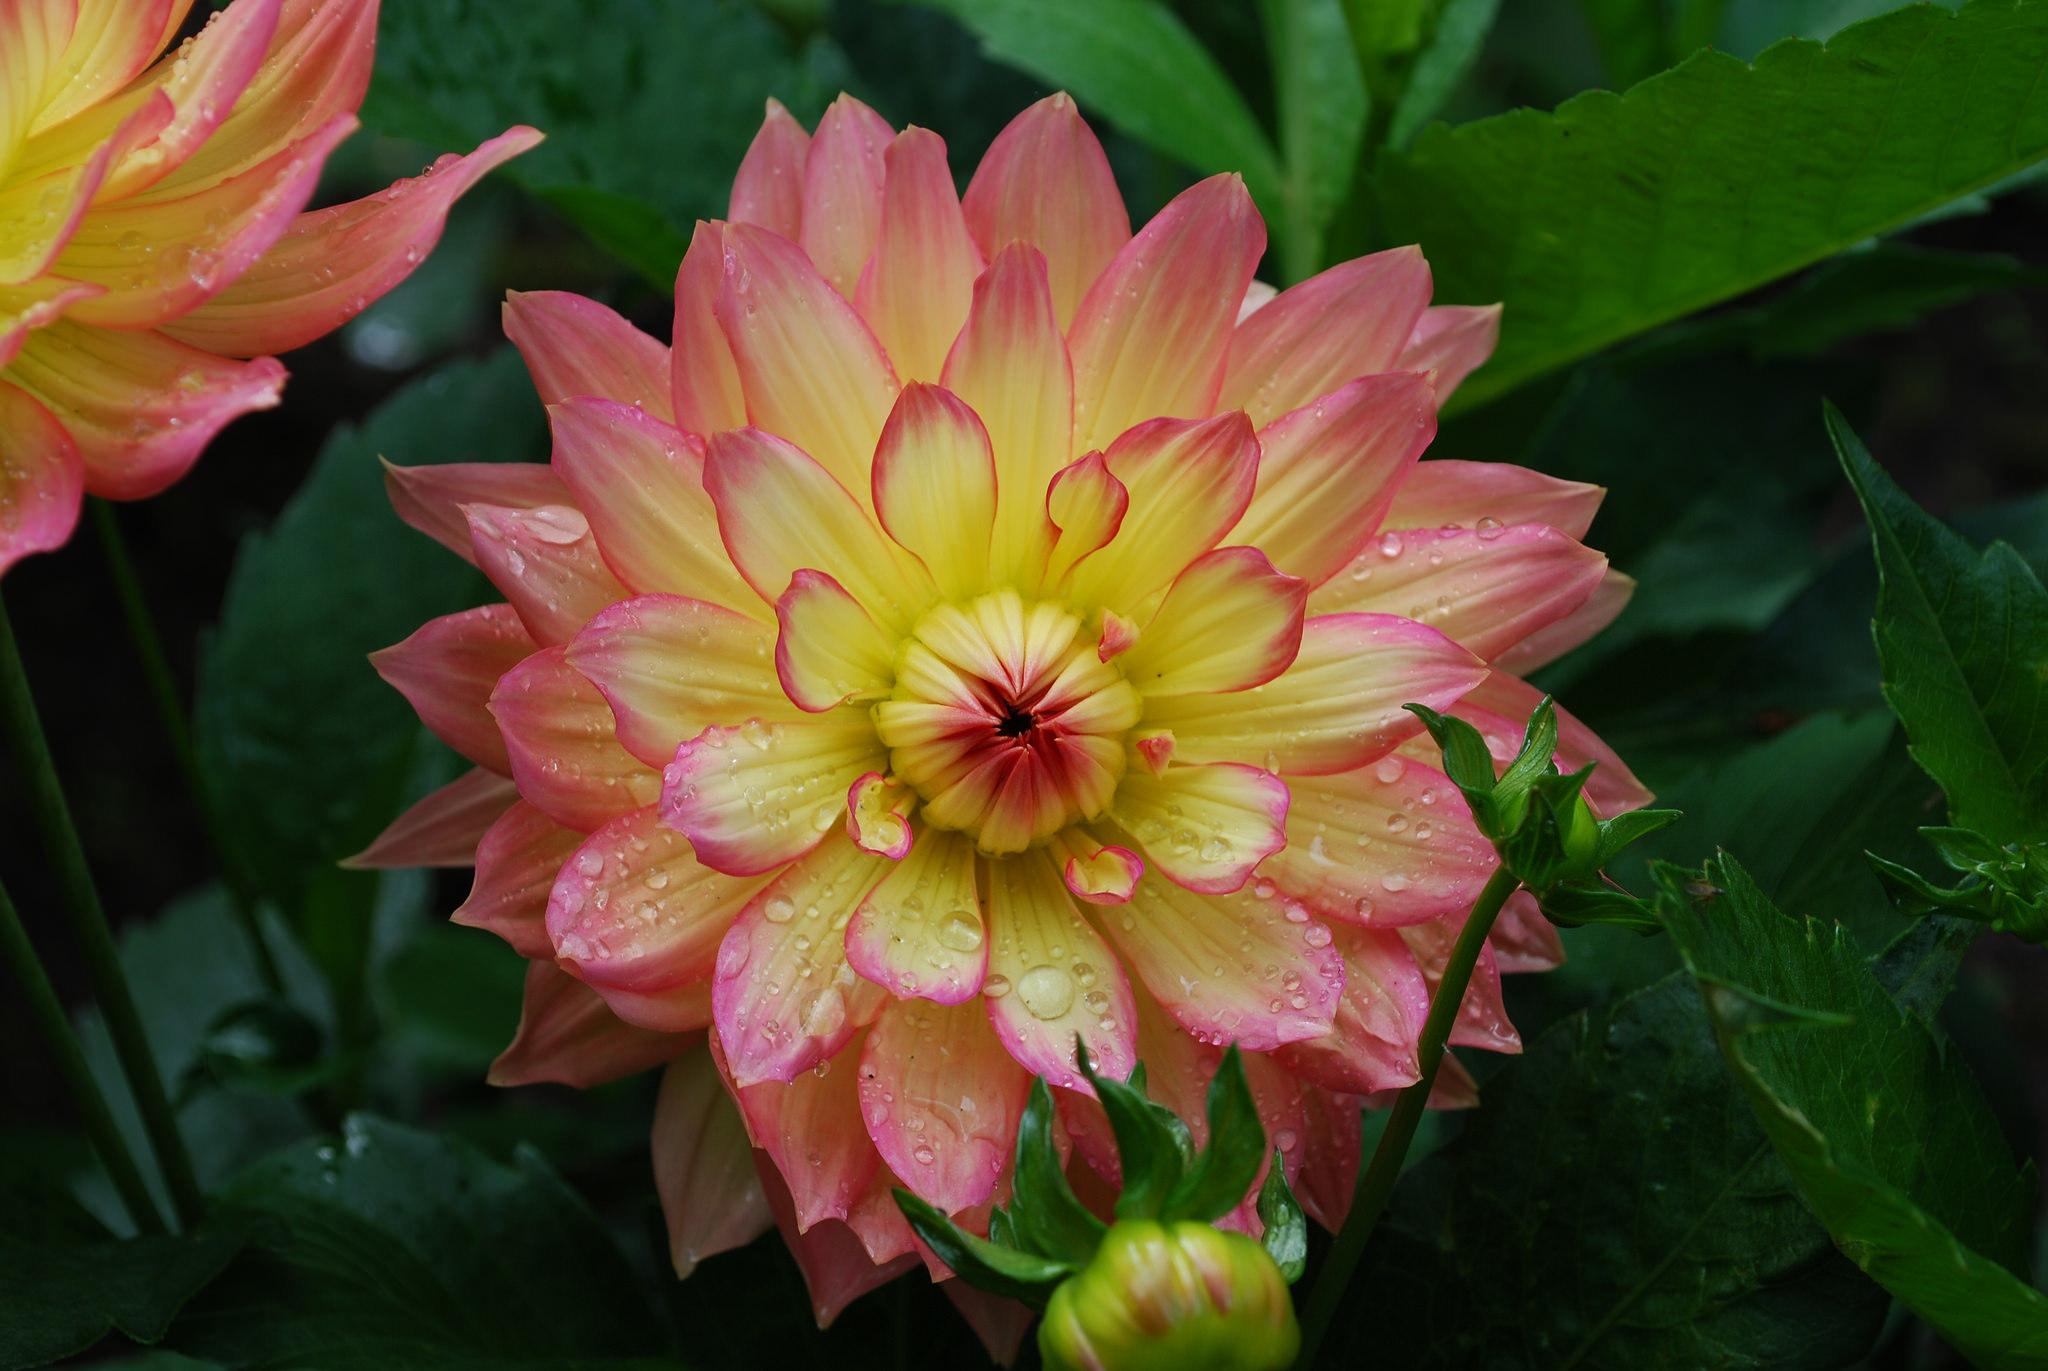 георгина цветок капли загрузить